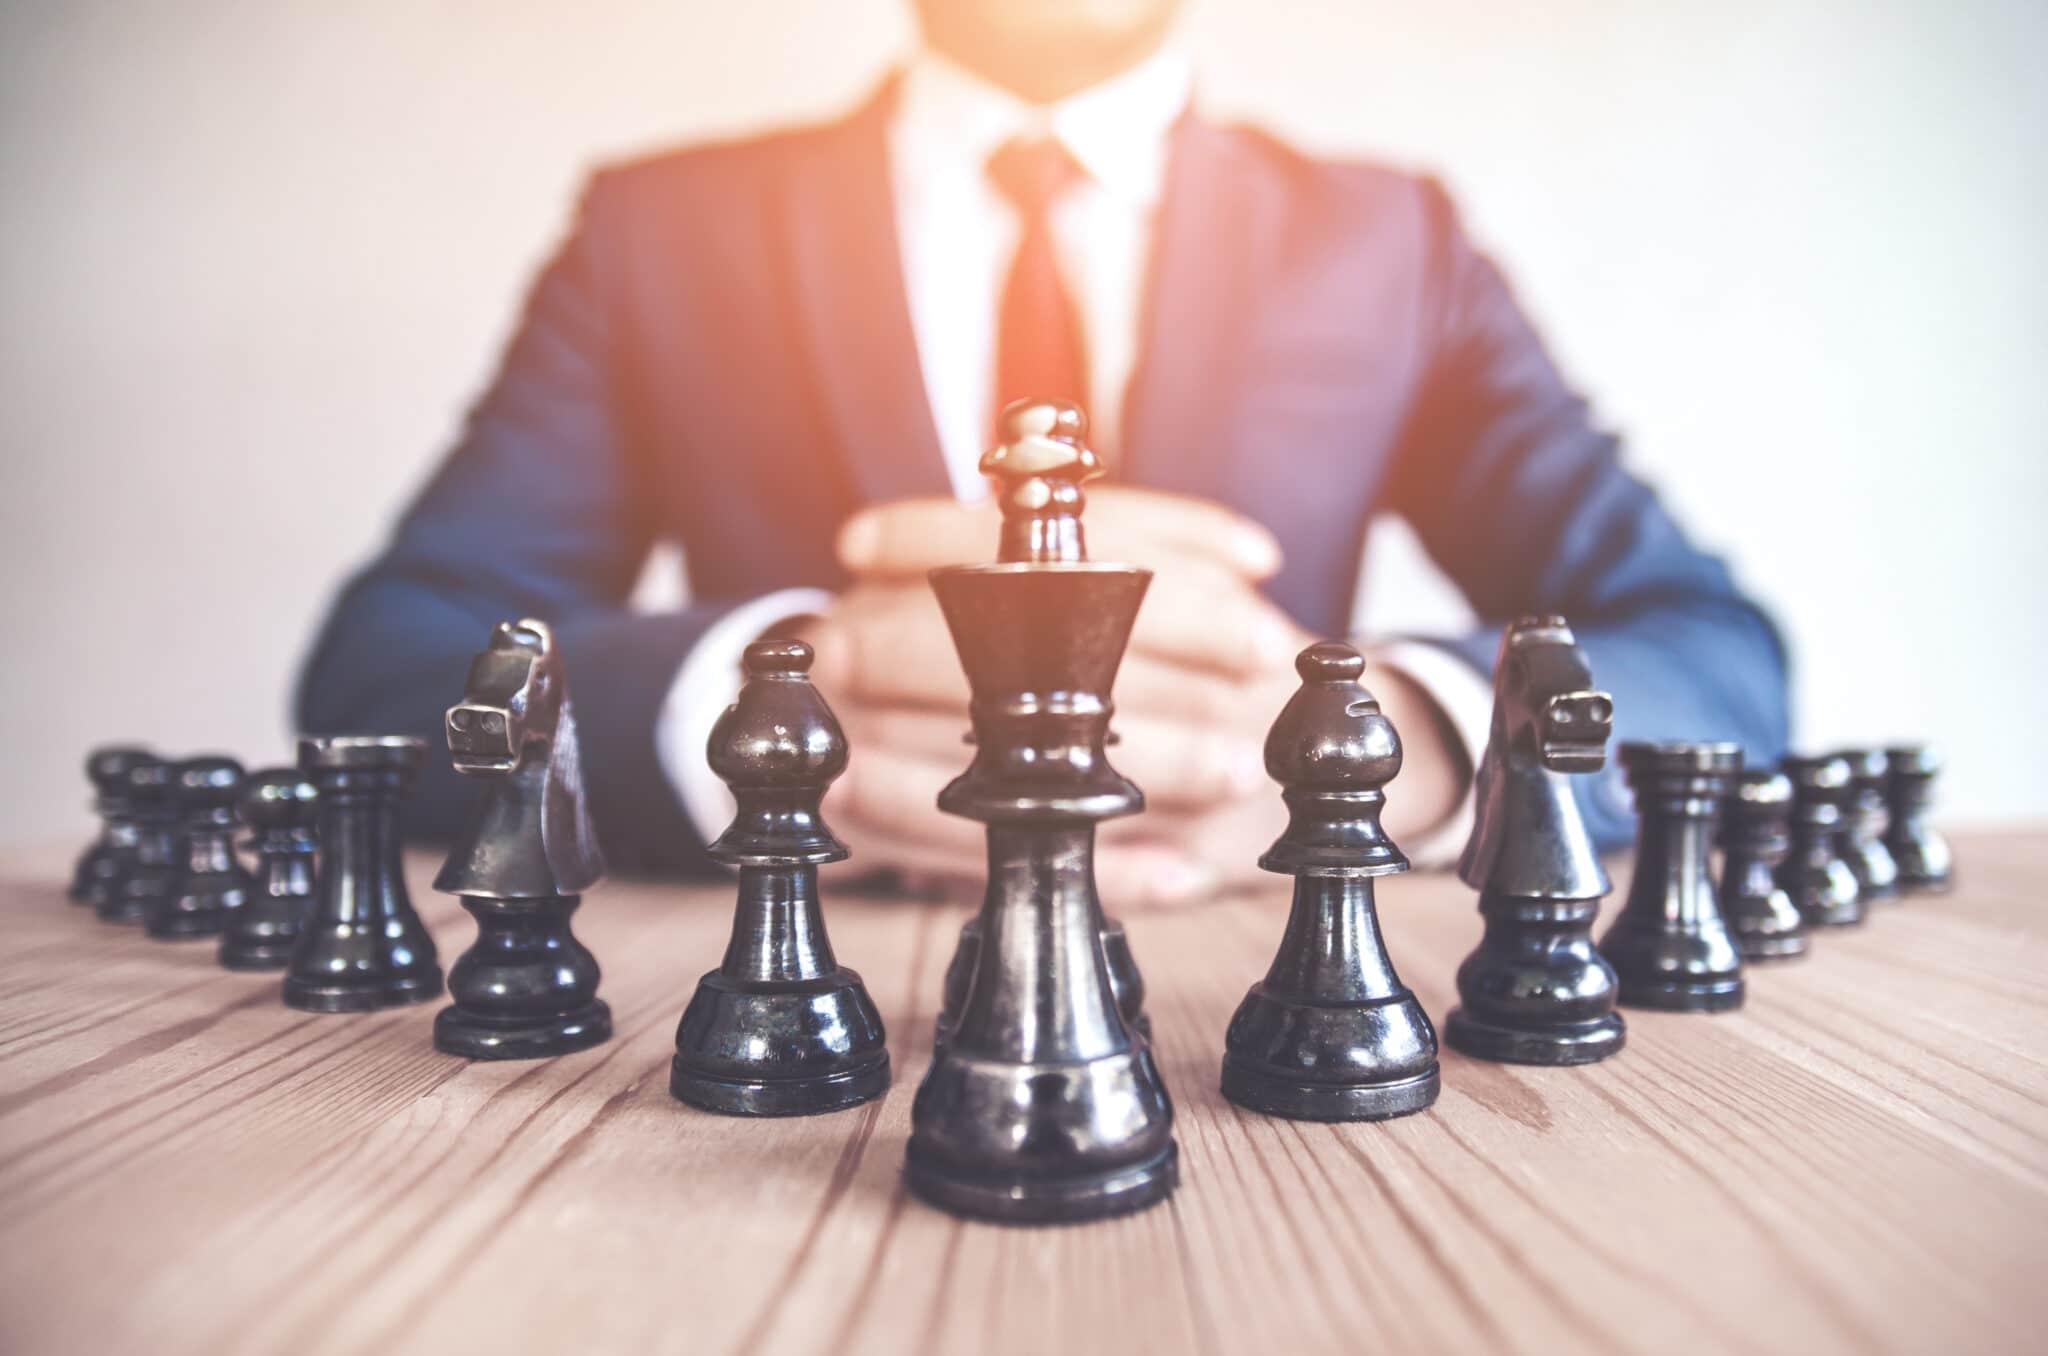 comment devient-on grand-maître aux échecs